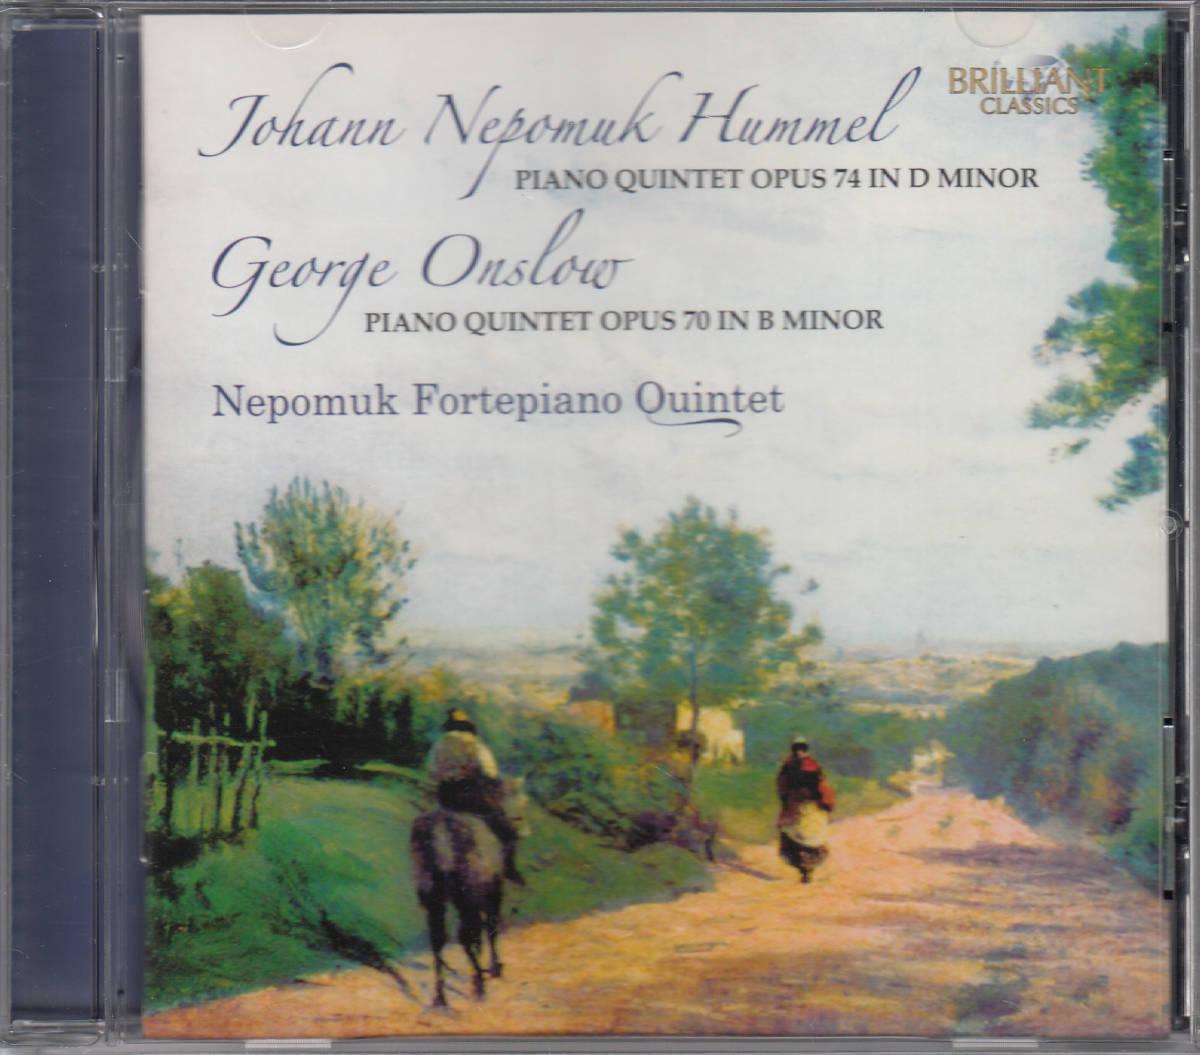 ◆送料無料◆フンメル、ジョルジュ・オンスロー:ピアノ五重奏曲~ネポムク・フォルテピアノ五重奏団 Import C9984_画像1